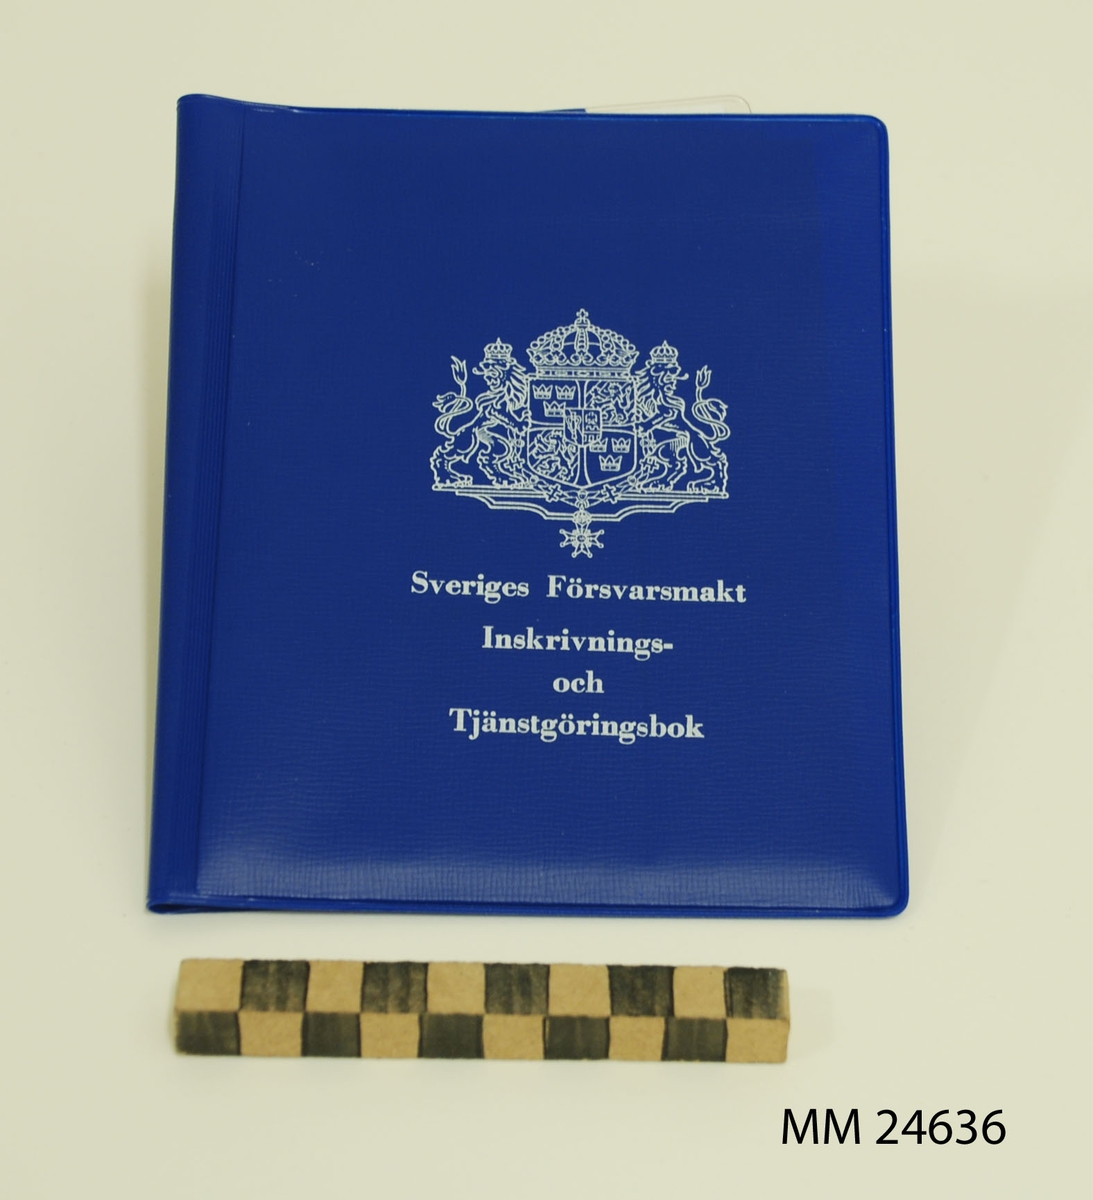 """Inskrivnings- och tjänstgöringsbok. Fodral av blå plast med vit tryckt text: """"Sveriges Försvarsmakt Inskrivnings- och Tjänstgöringsbok"""" samt stora riksvapnet.  På baksidan tryckt text i vitt: """"M7102-383430-9. Utgåva 3. (VPV). 75-05. 50 000 ex. LF-ALLF 405 75 231"""". Plastfickor på fodralets insida. På ena sidan finns terminslönekort. På andra sidan finns tjänstgöringskort, krigsplaceringsorder, en folder kallad """"Minneslista"""" samt en identitetsbricka av plåt. Foldern """"Minneslista"""" innehåller ett sammandrag av de viktigaste bestämmelserna som värnpliktiga behöver känna till. Foldern giltig efter 1971."""